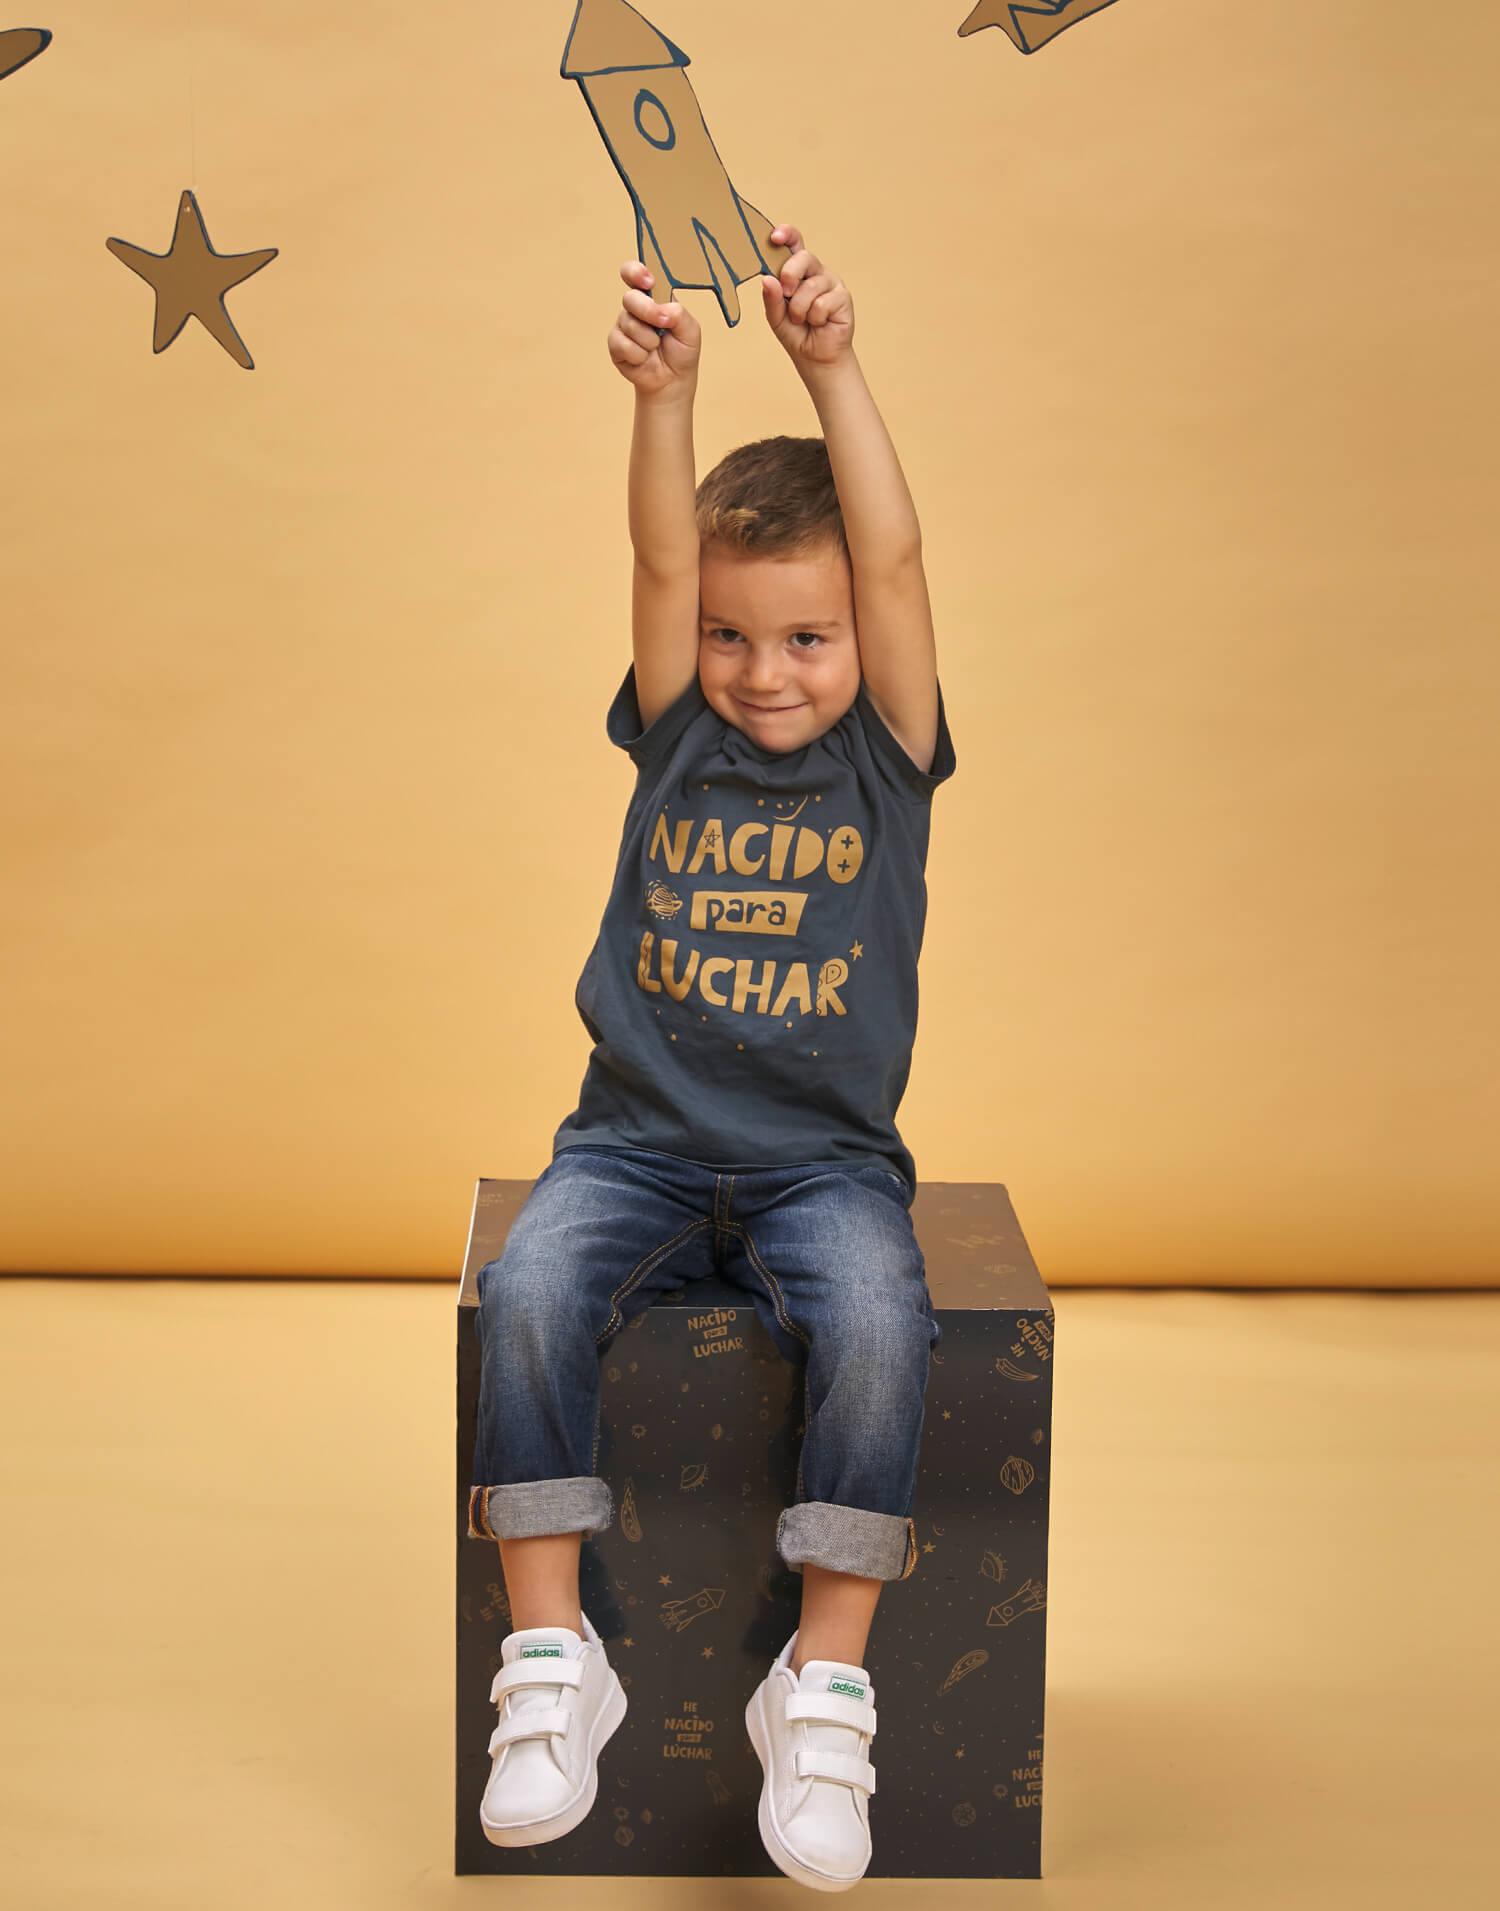 Camiseta de niño 'Nacido para luchar'